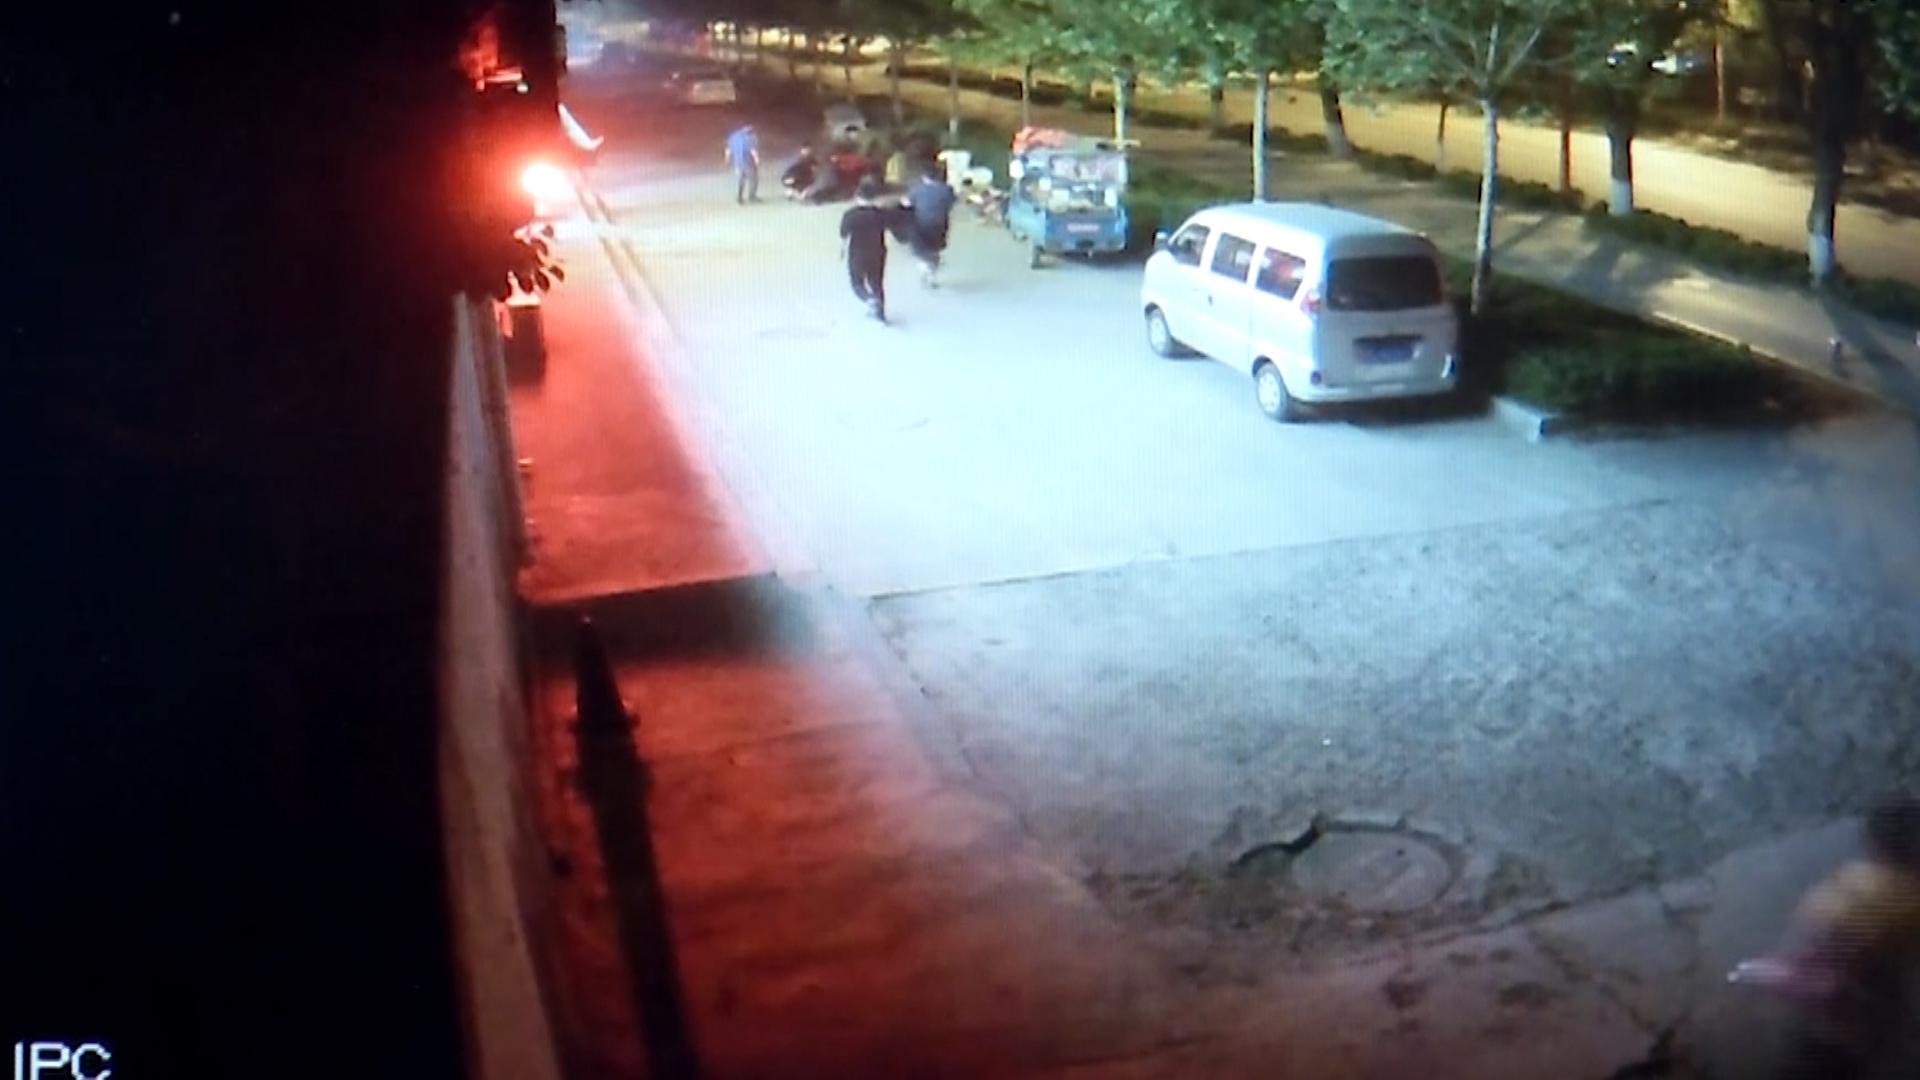 49秒丨淄博2岁男童玩酒精引火烧身 5名小伙伸援手全程相助